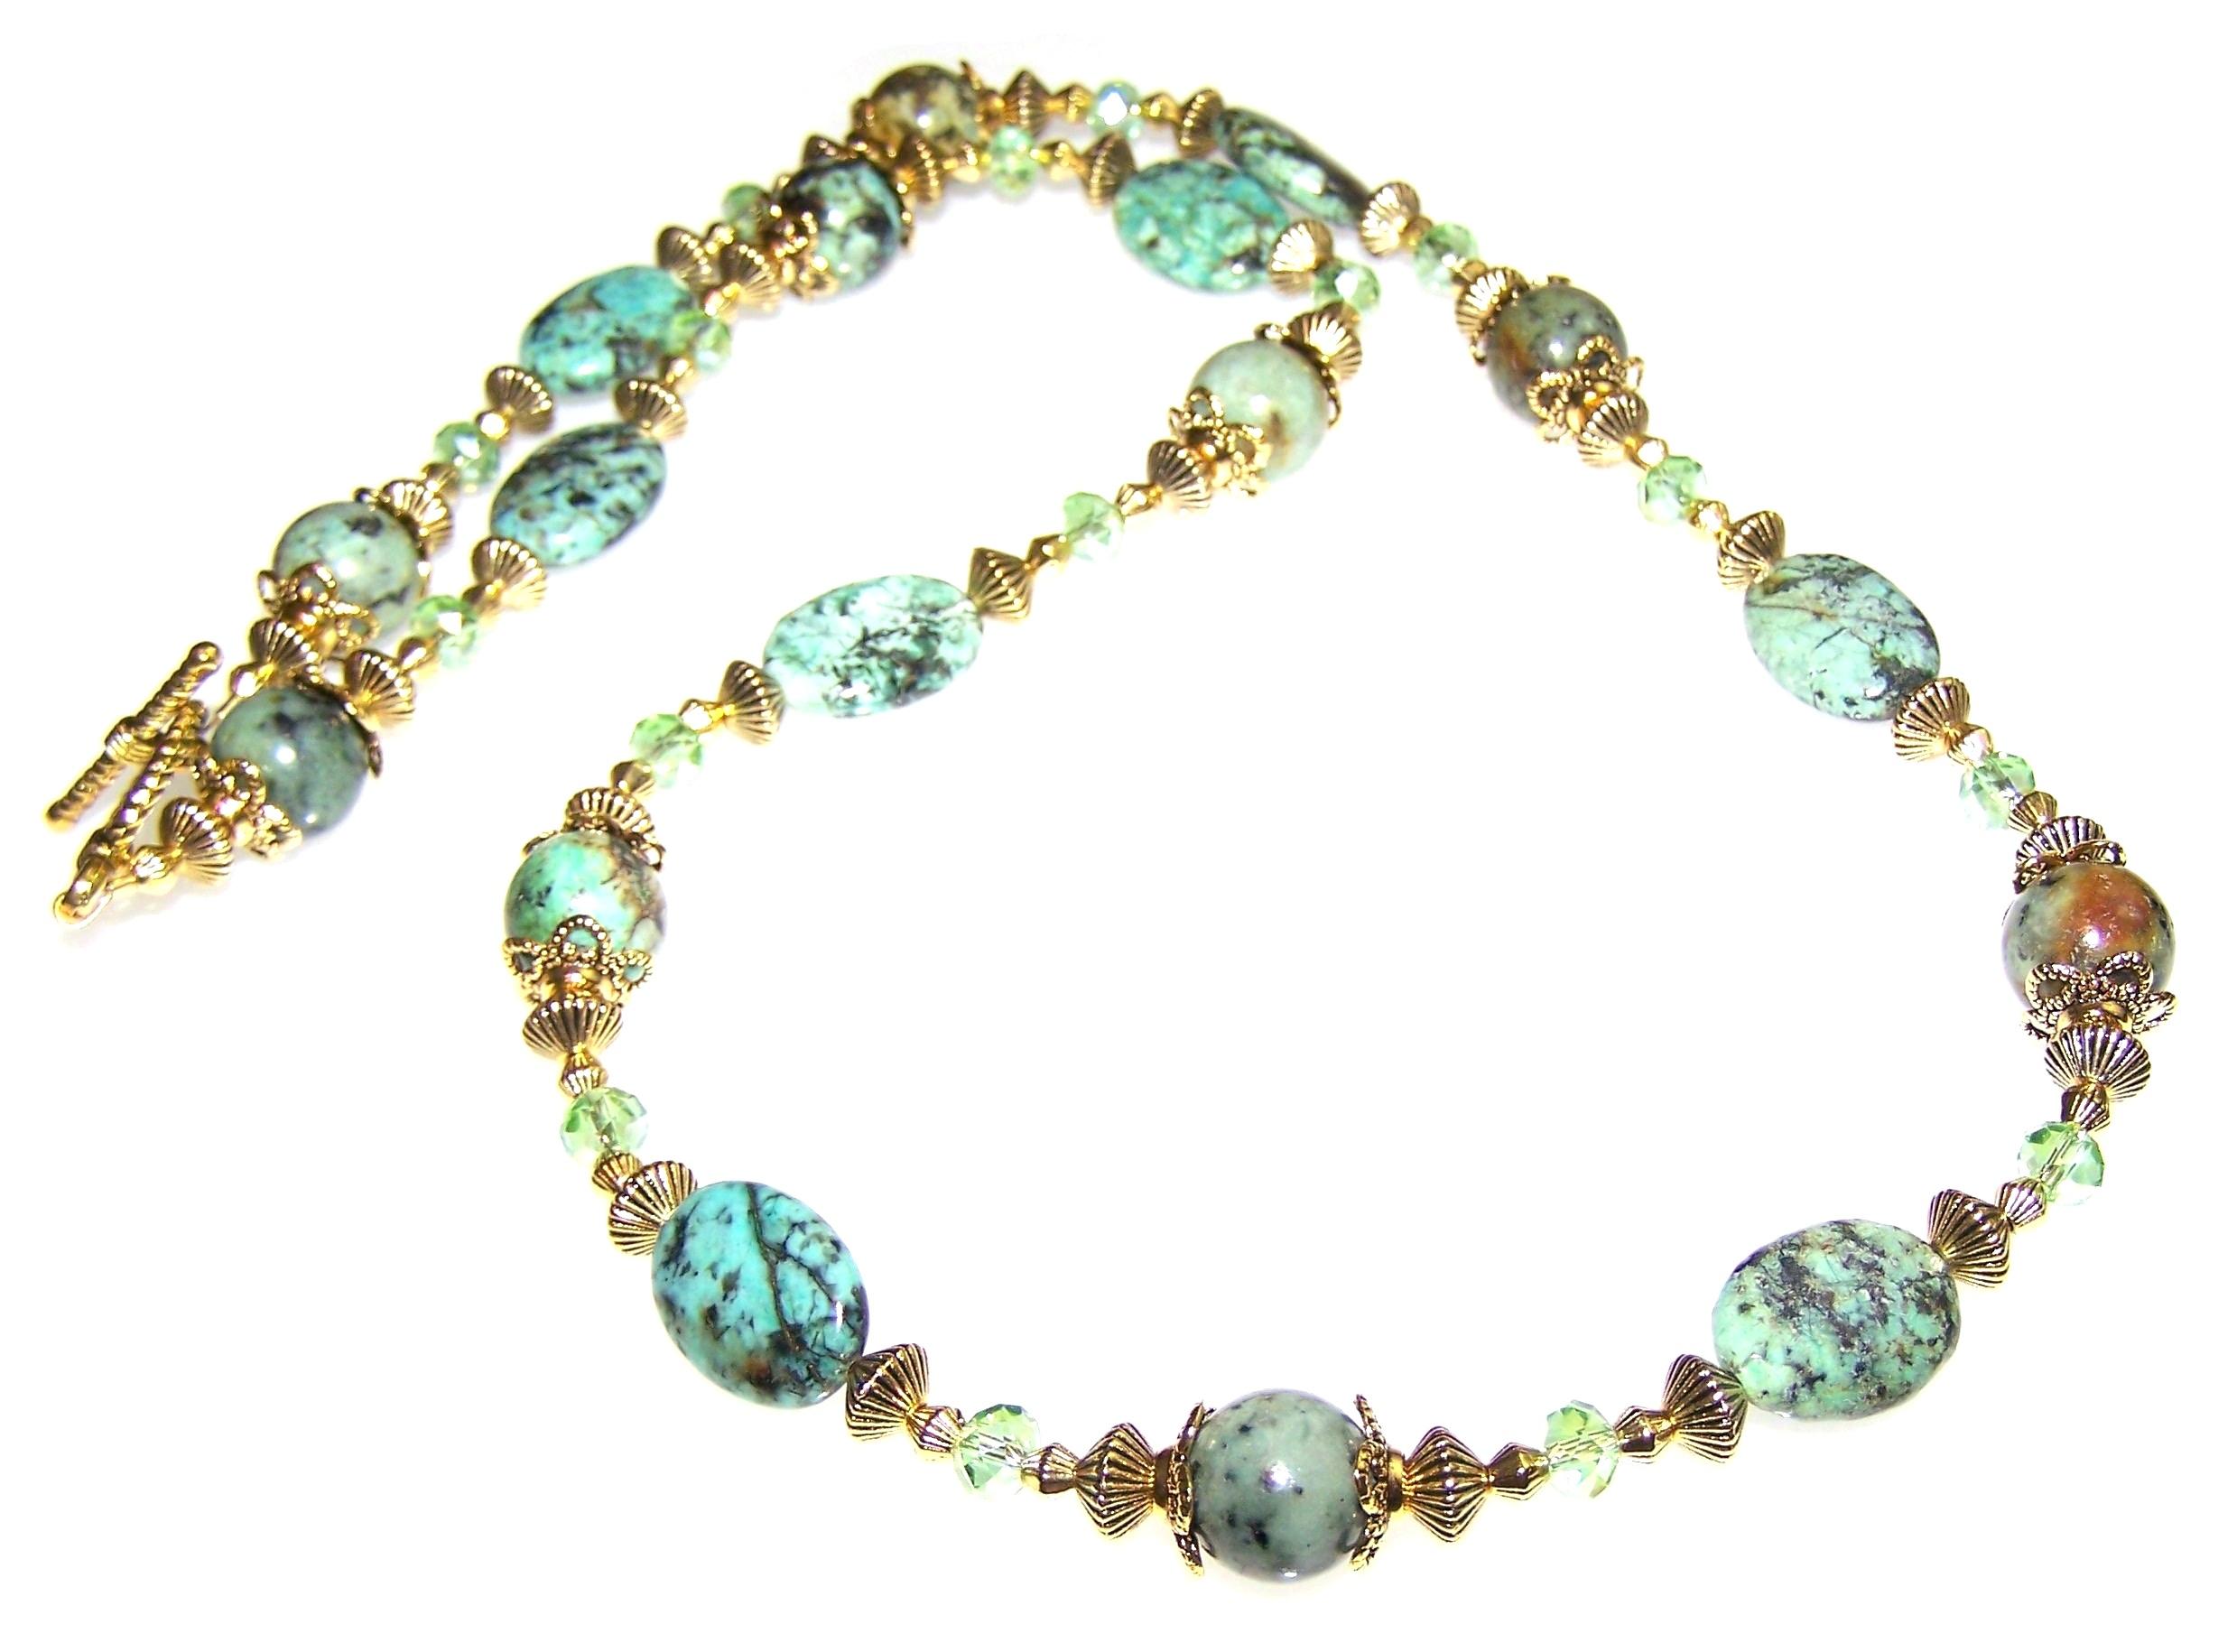 Stormy Seas Necklace Beaded Jewelry